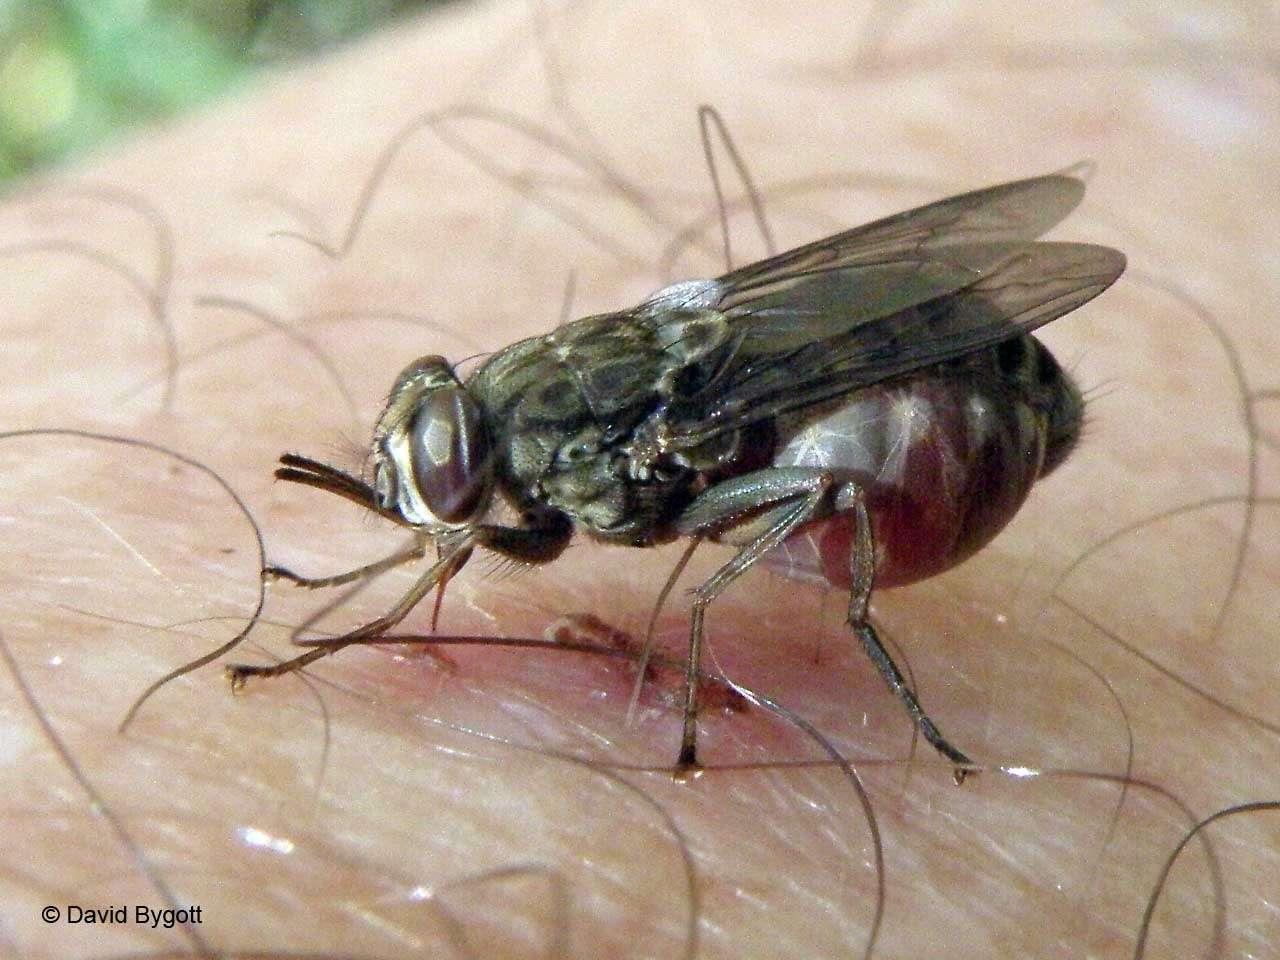 En connaissant le génome de la mouche tsé-tsé, les chercheurs espèrent trouver de nouvelles solutions d'éradication de cet insecte. © David Bygott, Flickr, cc by nc sa 2.0